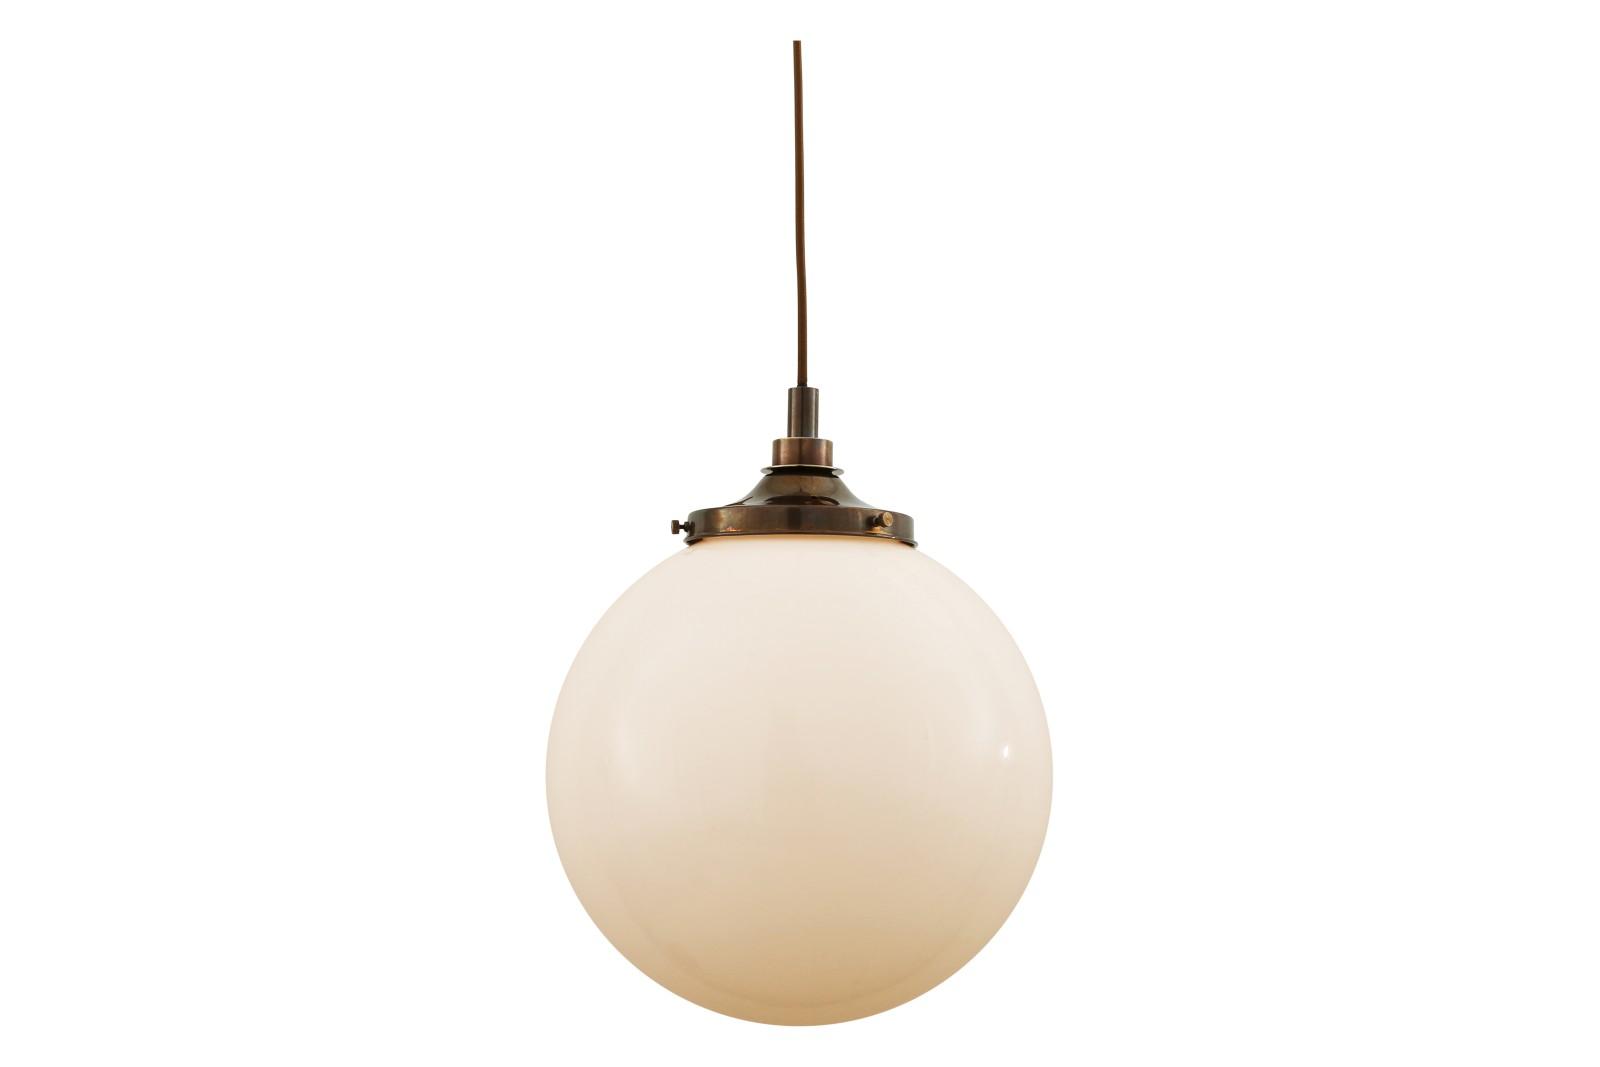 Pelagia Pendant Light Antique Brass